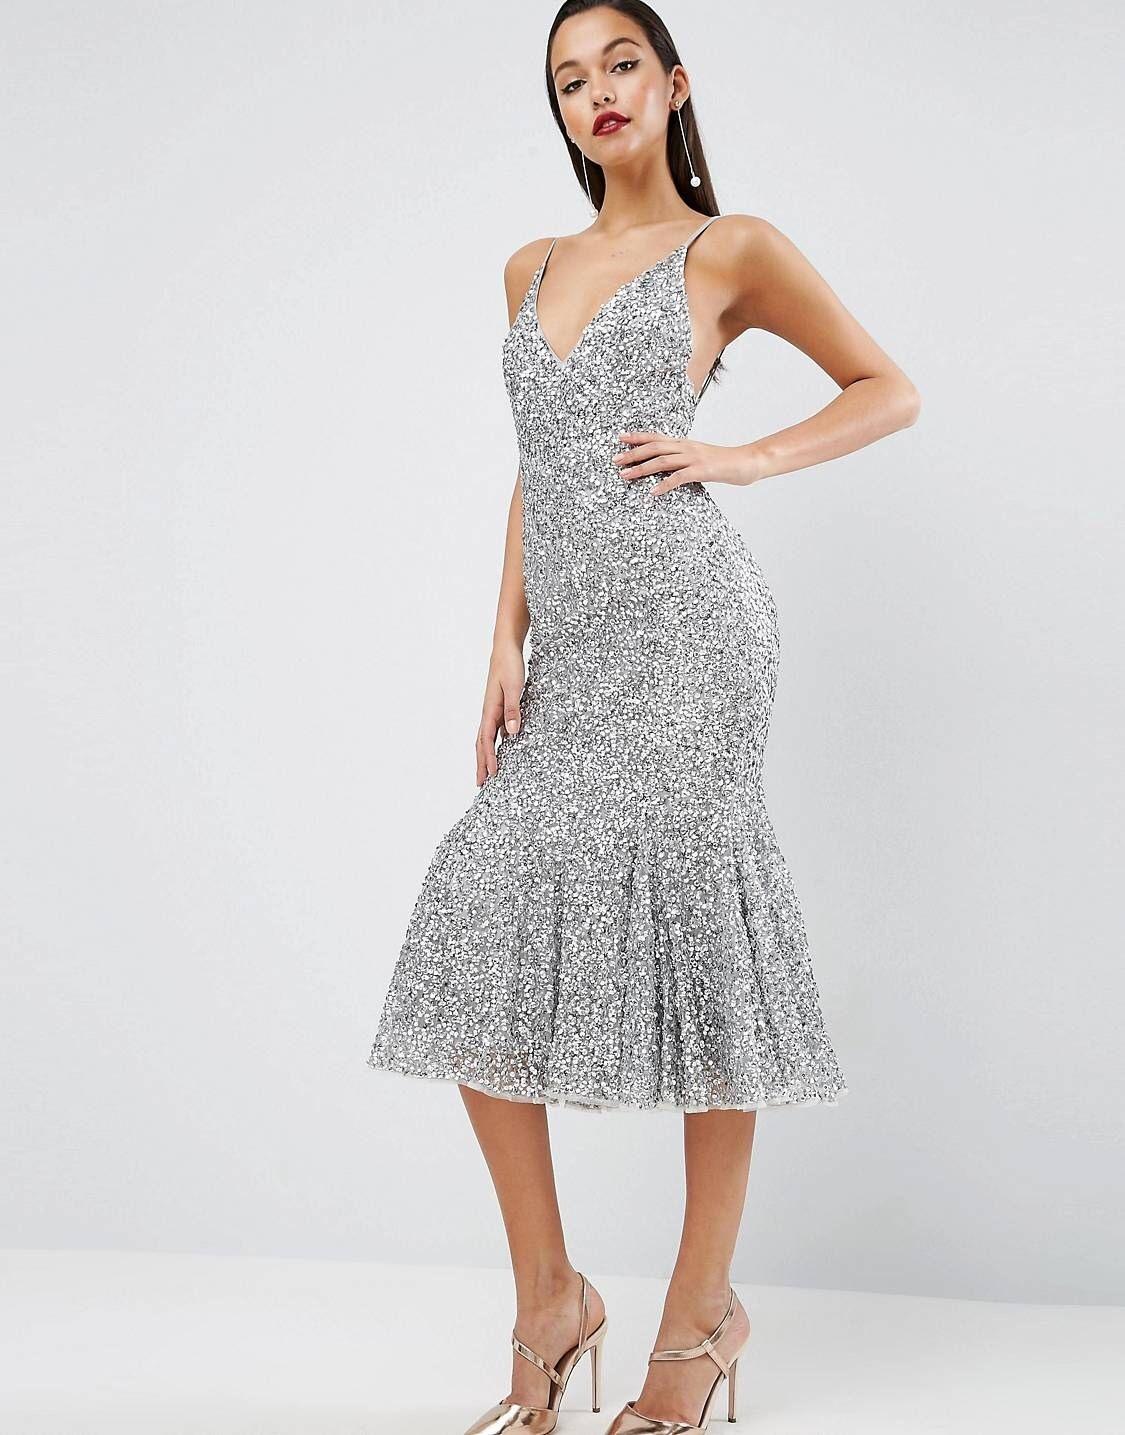 Formal Wunderbar Schöne Kleider Für Besondere Anlässe SpezialgebietFormal Luxurius Schöne Kleider Für Besondere Anlässe Vertrieb